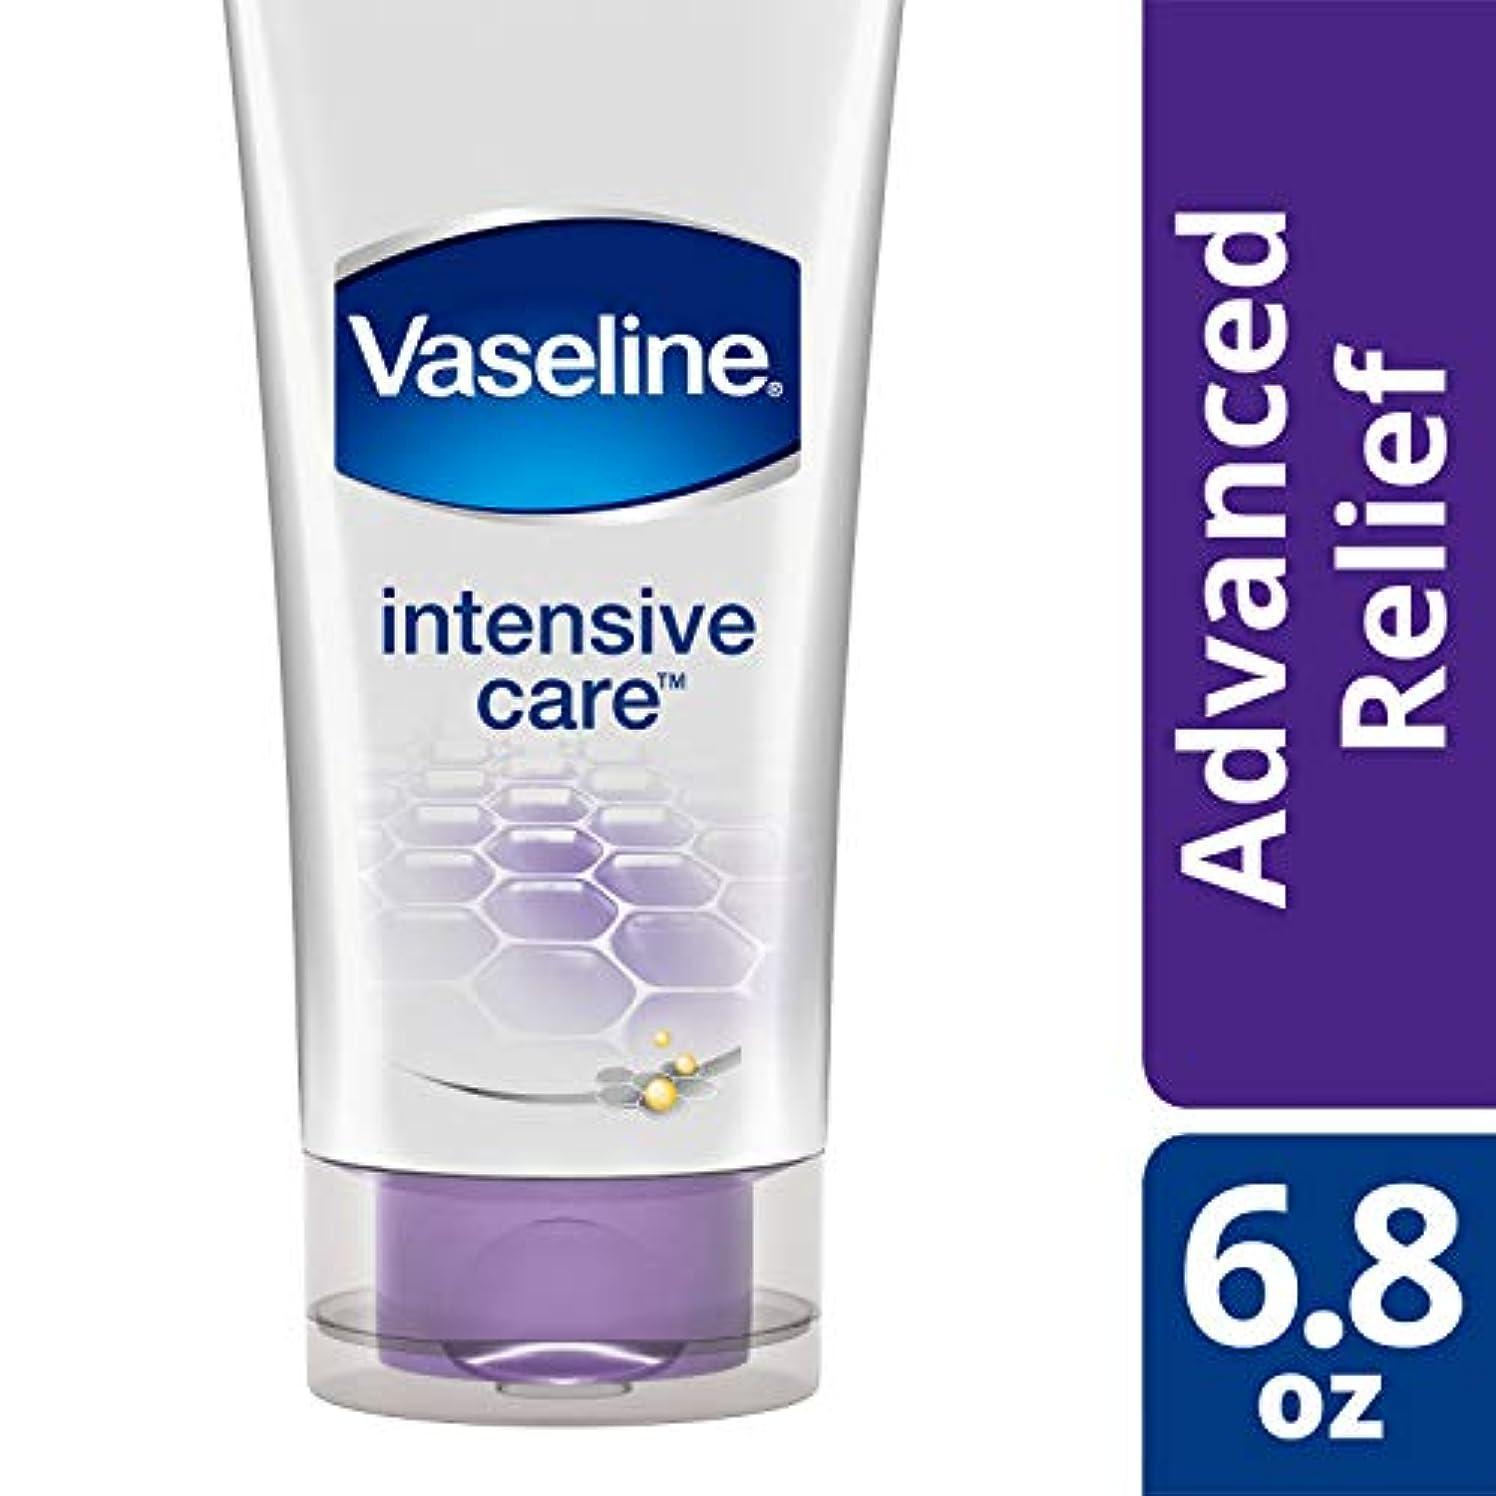 不実ハーネス合法Vaseline Intensive Care Healing Serum, Advanced Relief - 6.8 fl oz (200 ml) ヴァセリン インテンシブケア ヒーリングセラム アドバンスドリリーフ